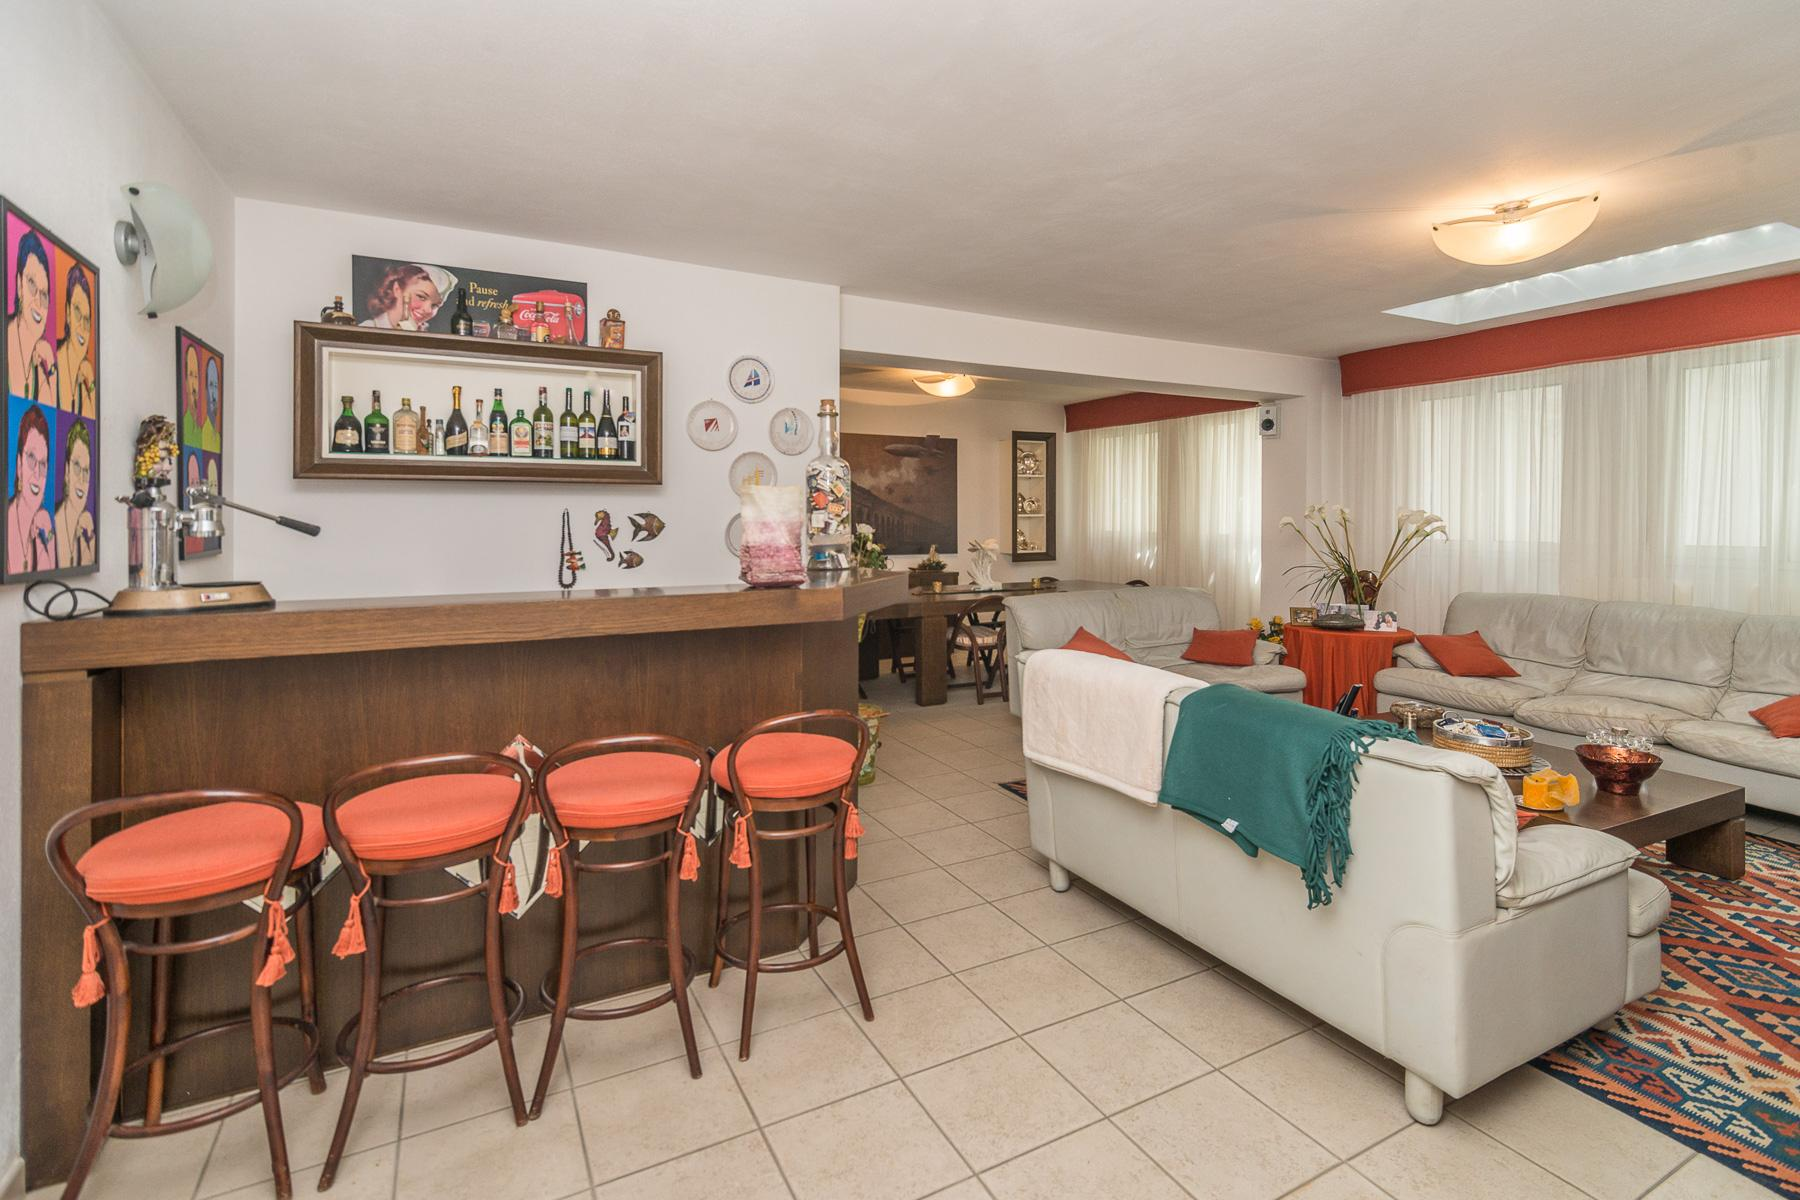 Golf Club de Castelconturbia, maison individuelle de 300 m² avec jardin de 1500 m² et jacuzzi - 28